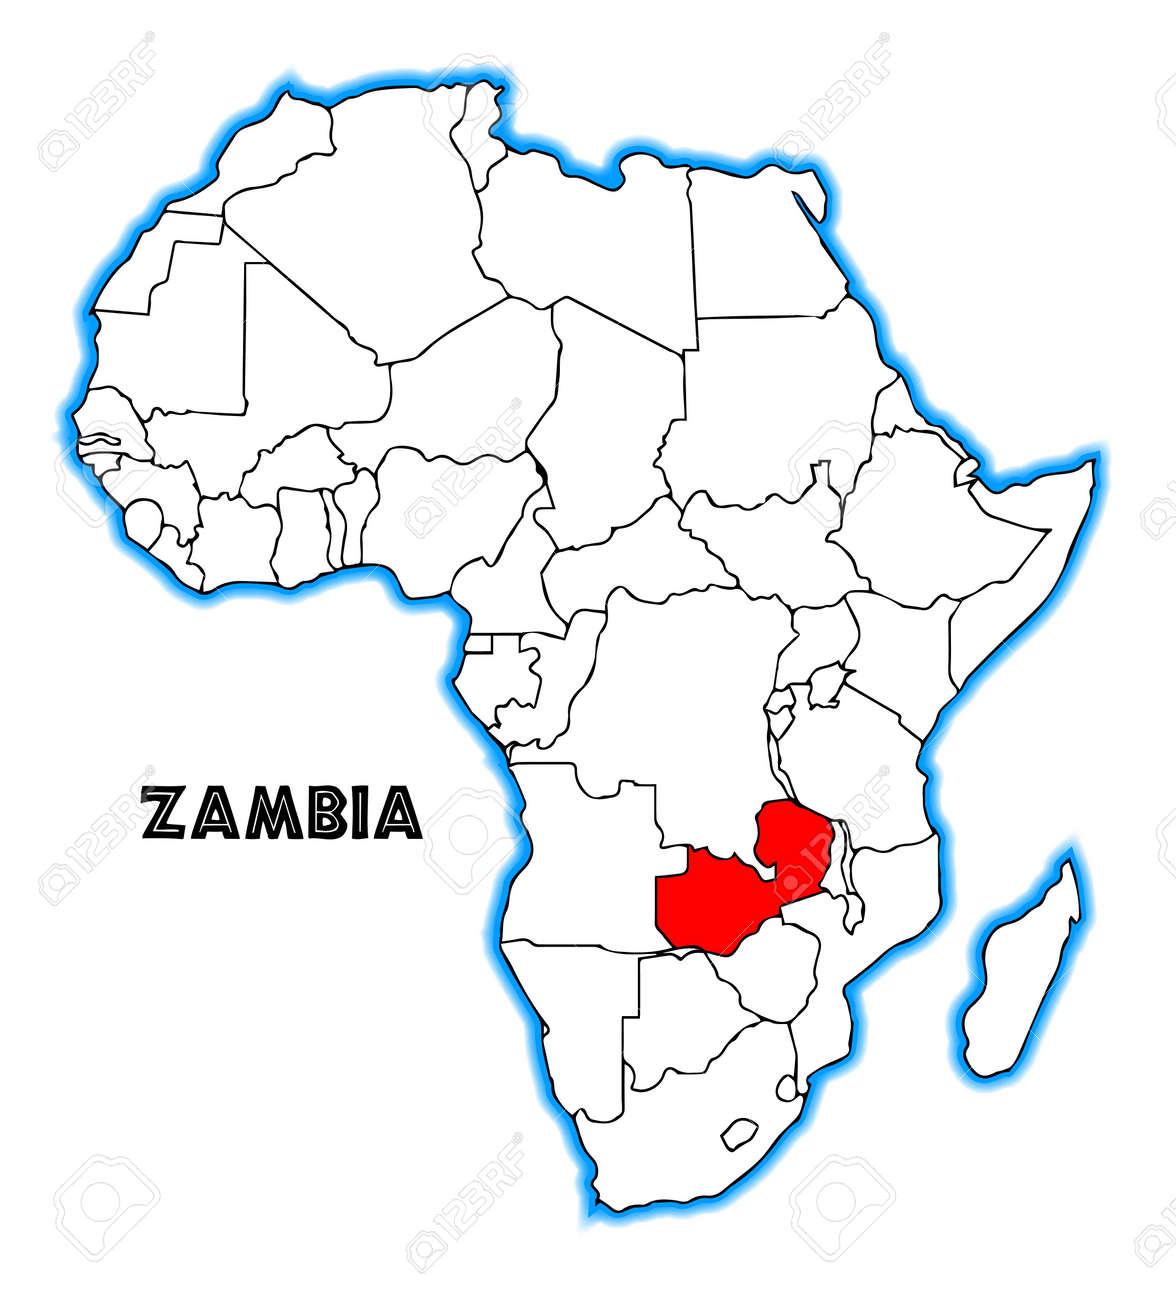 Carte Afrique Zambie.Zambie Apercu Incrustee Dans Une Carte De L Afrique Sur Un Fond Blanc